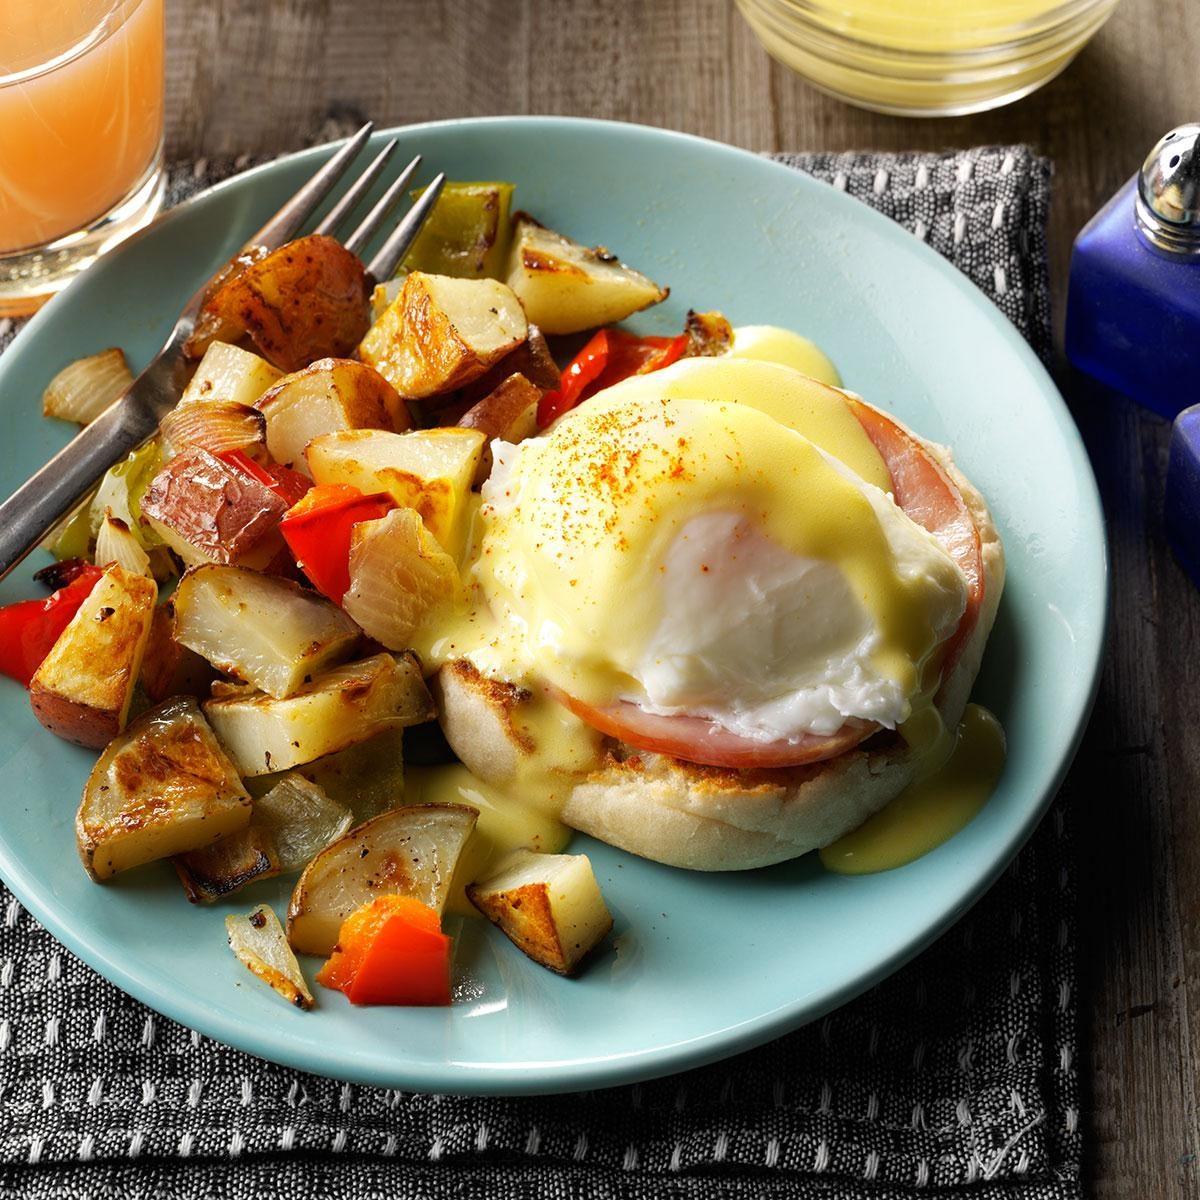 Breakfast-Style